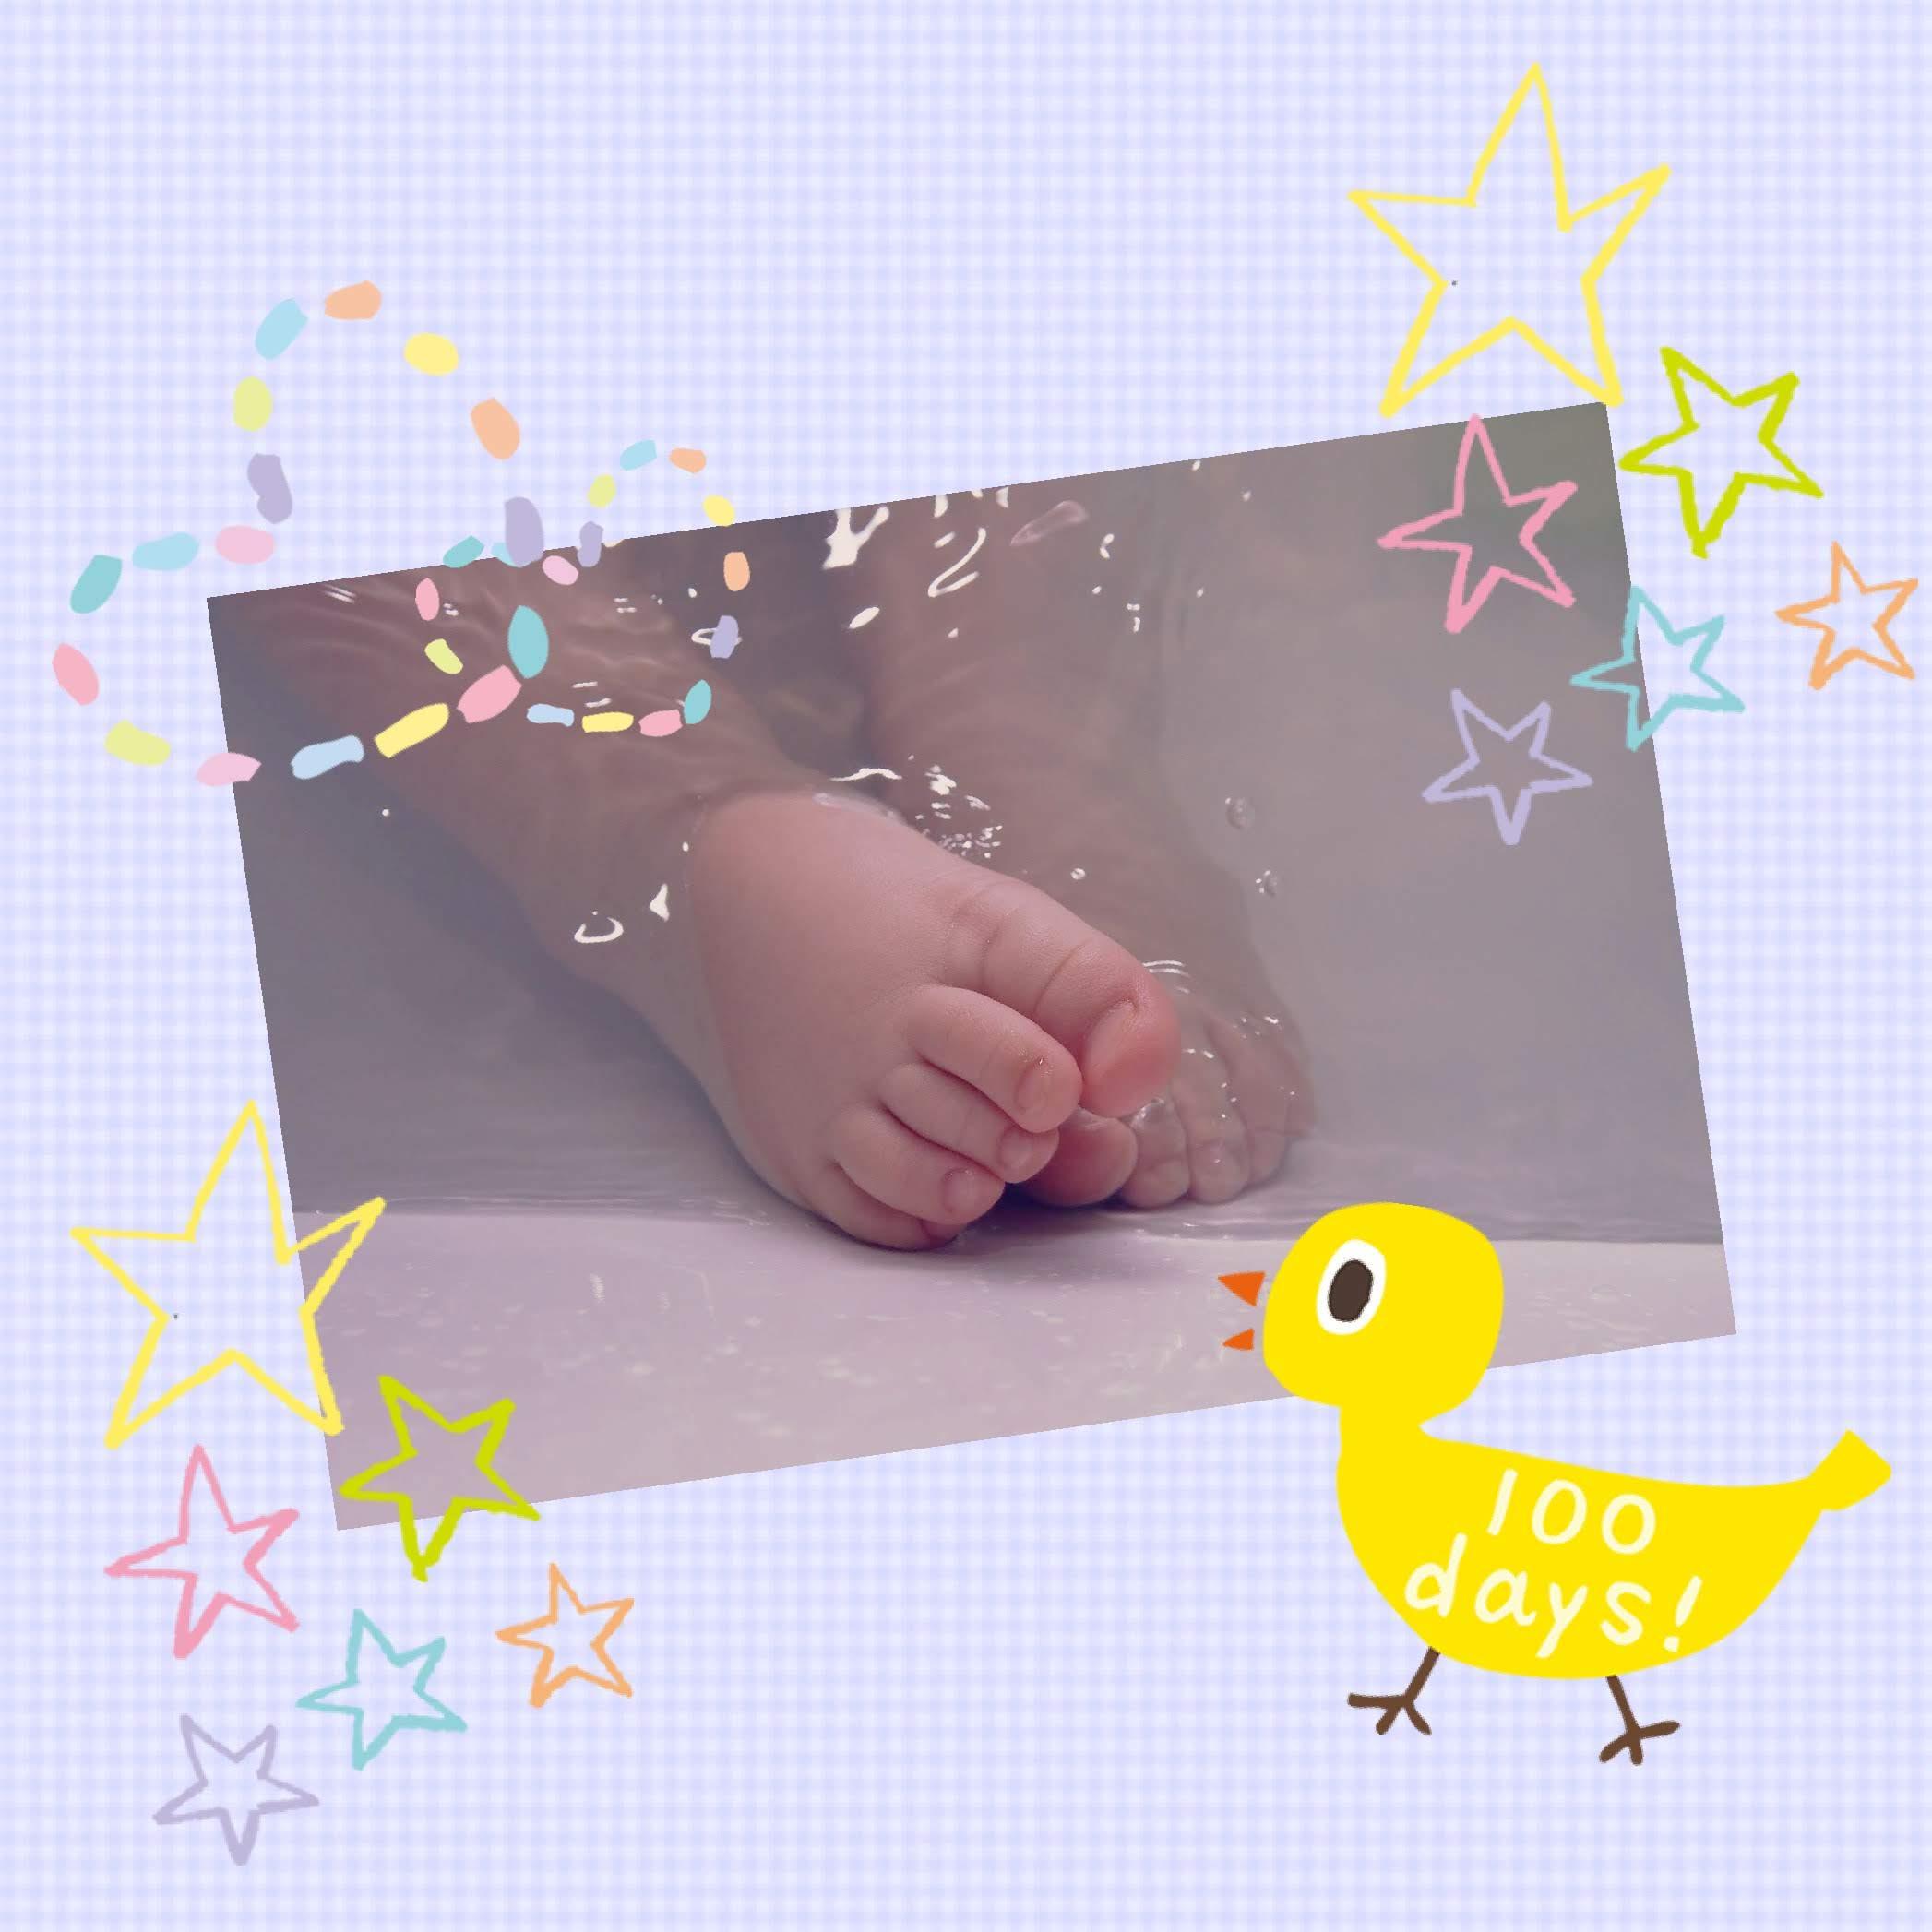 子供との入浴におすすめのバスグッズ